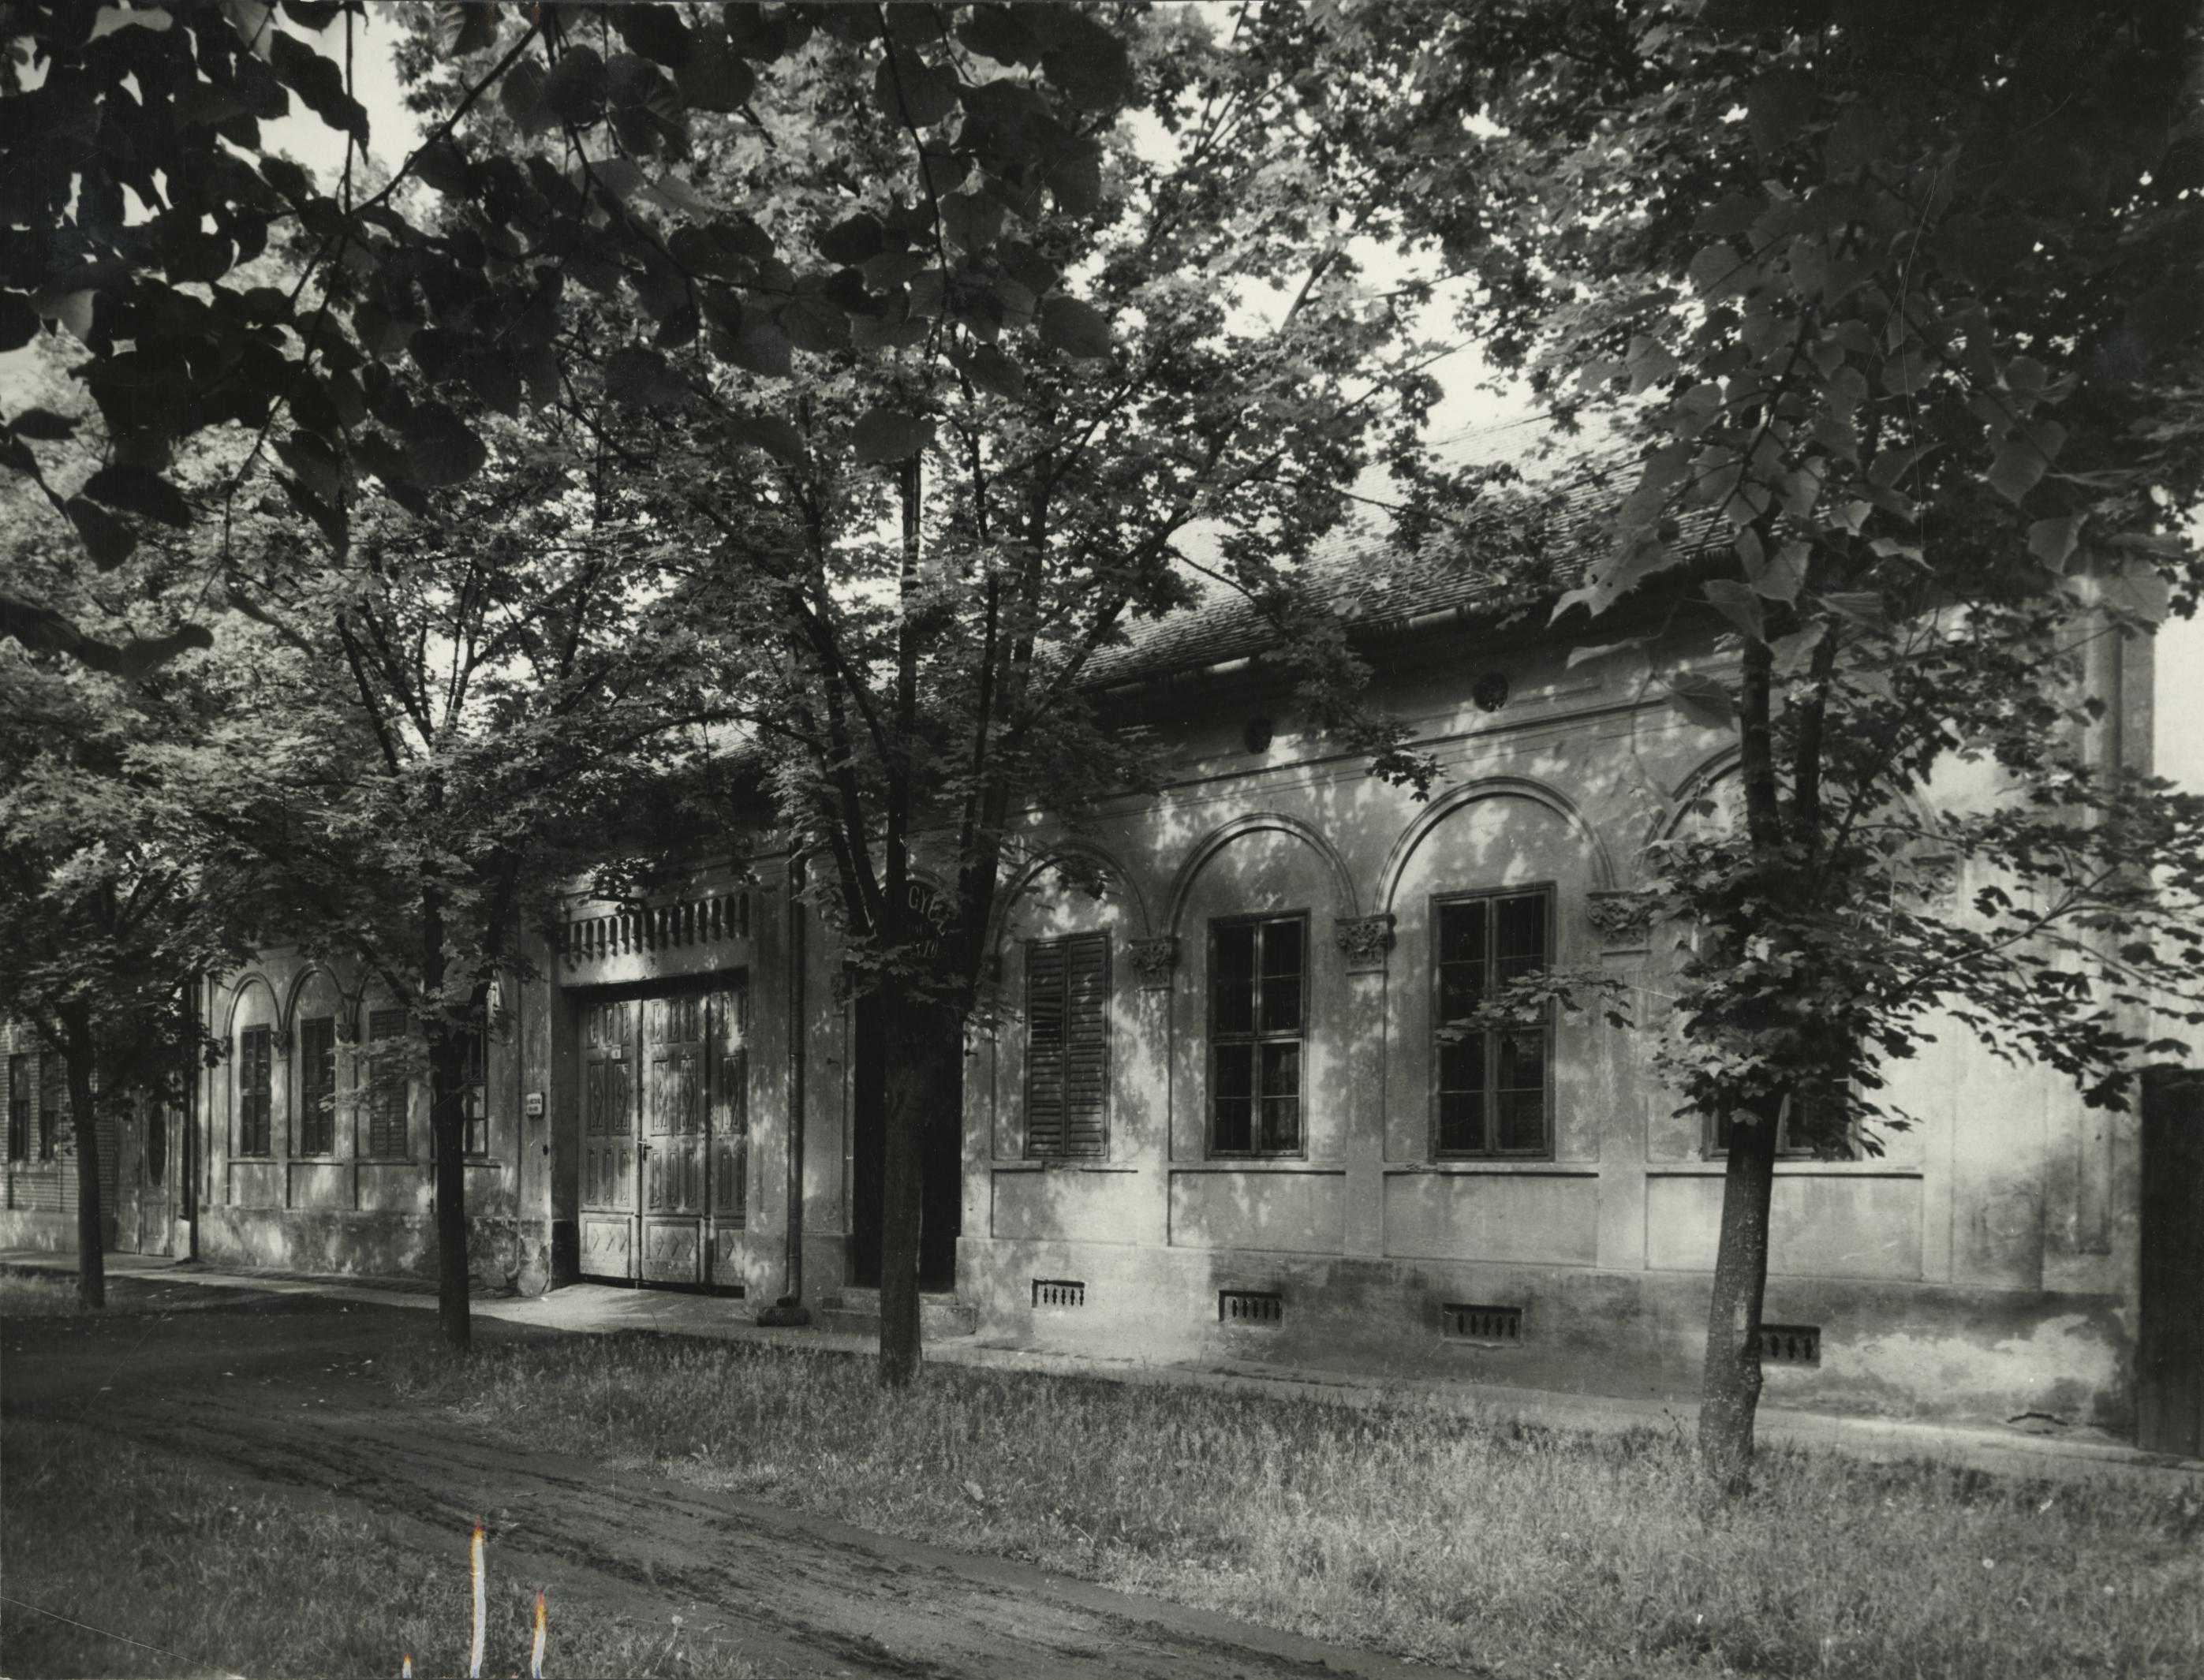 A békési Jantyik Mátyás utca 6. szám alatti lakóház